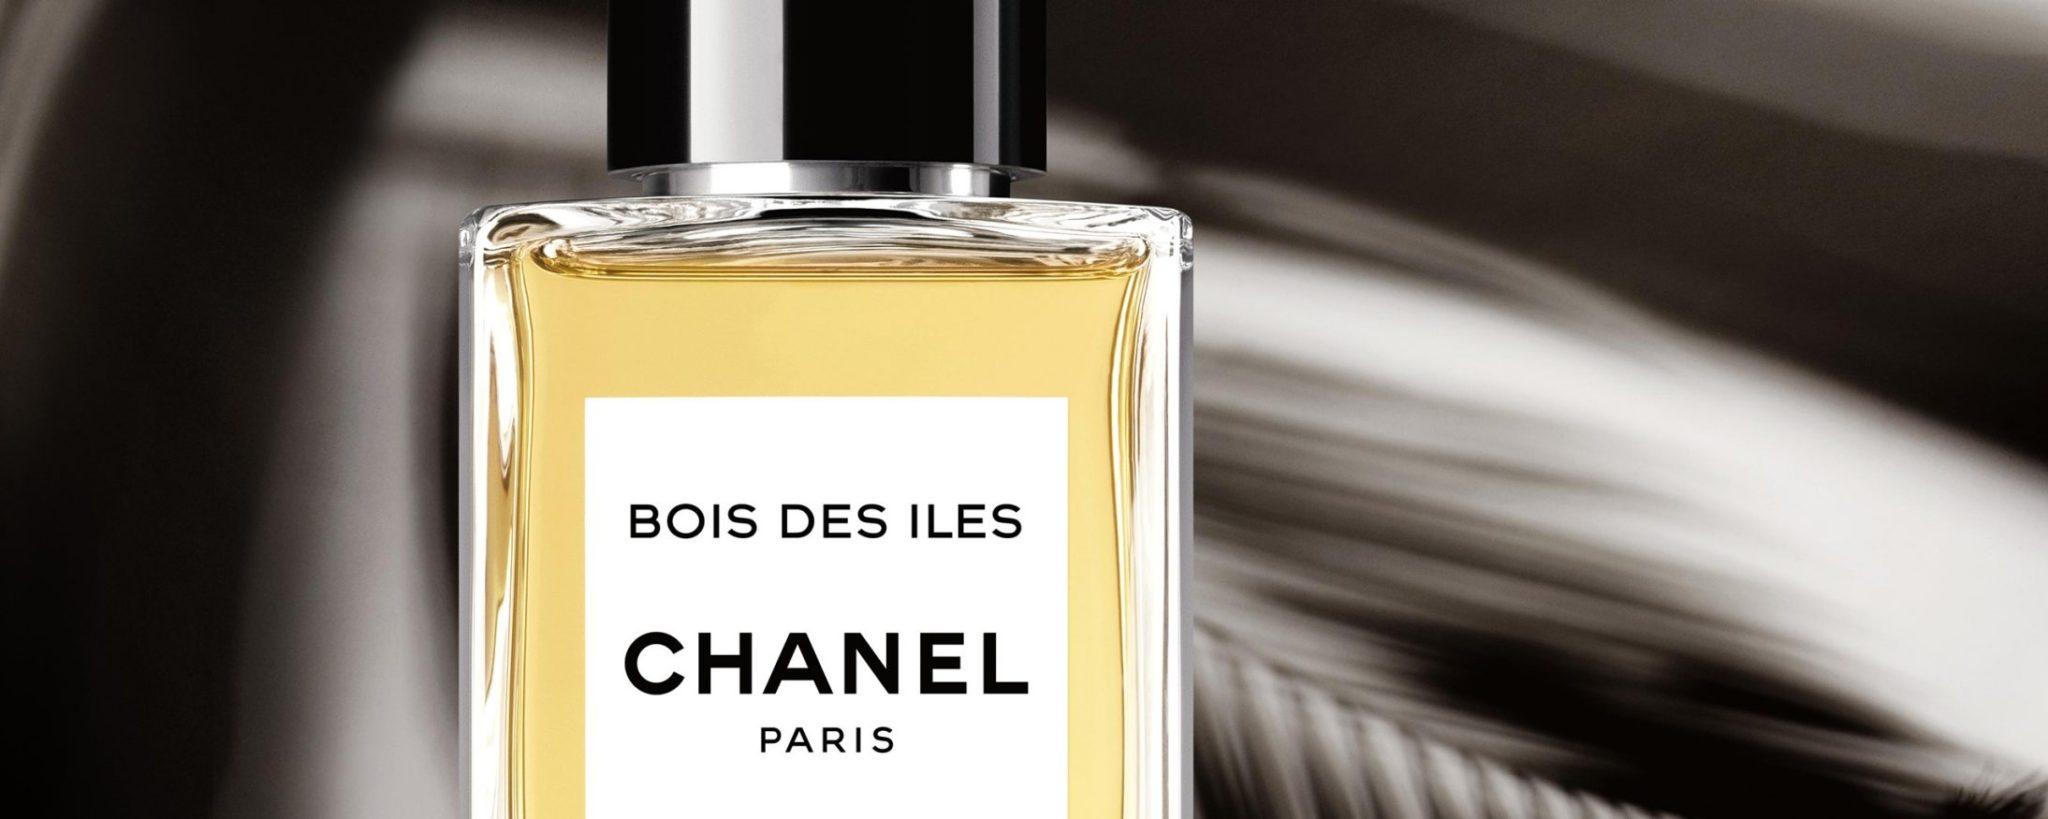 Chanel Les Exclusifs Bois des Iles eau de parfum Esprit de Gabrielle jeronimodiparigi-dev-esprit-de-gabrielle.pf1.wpserveur.net